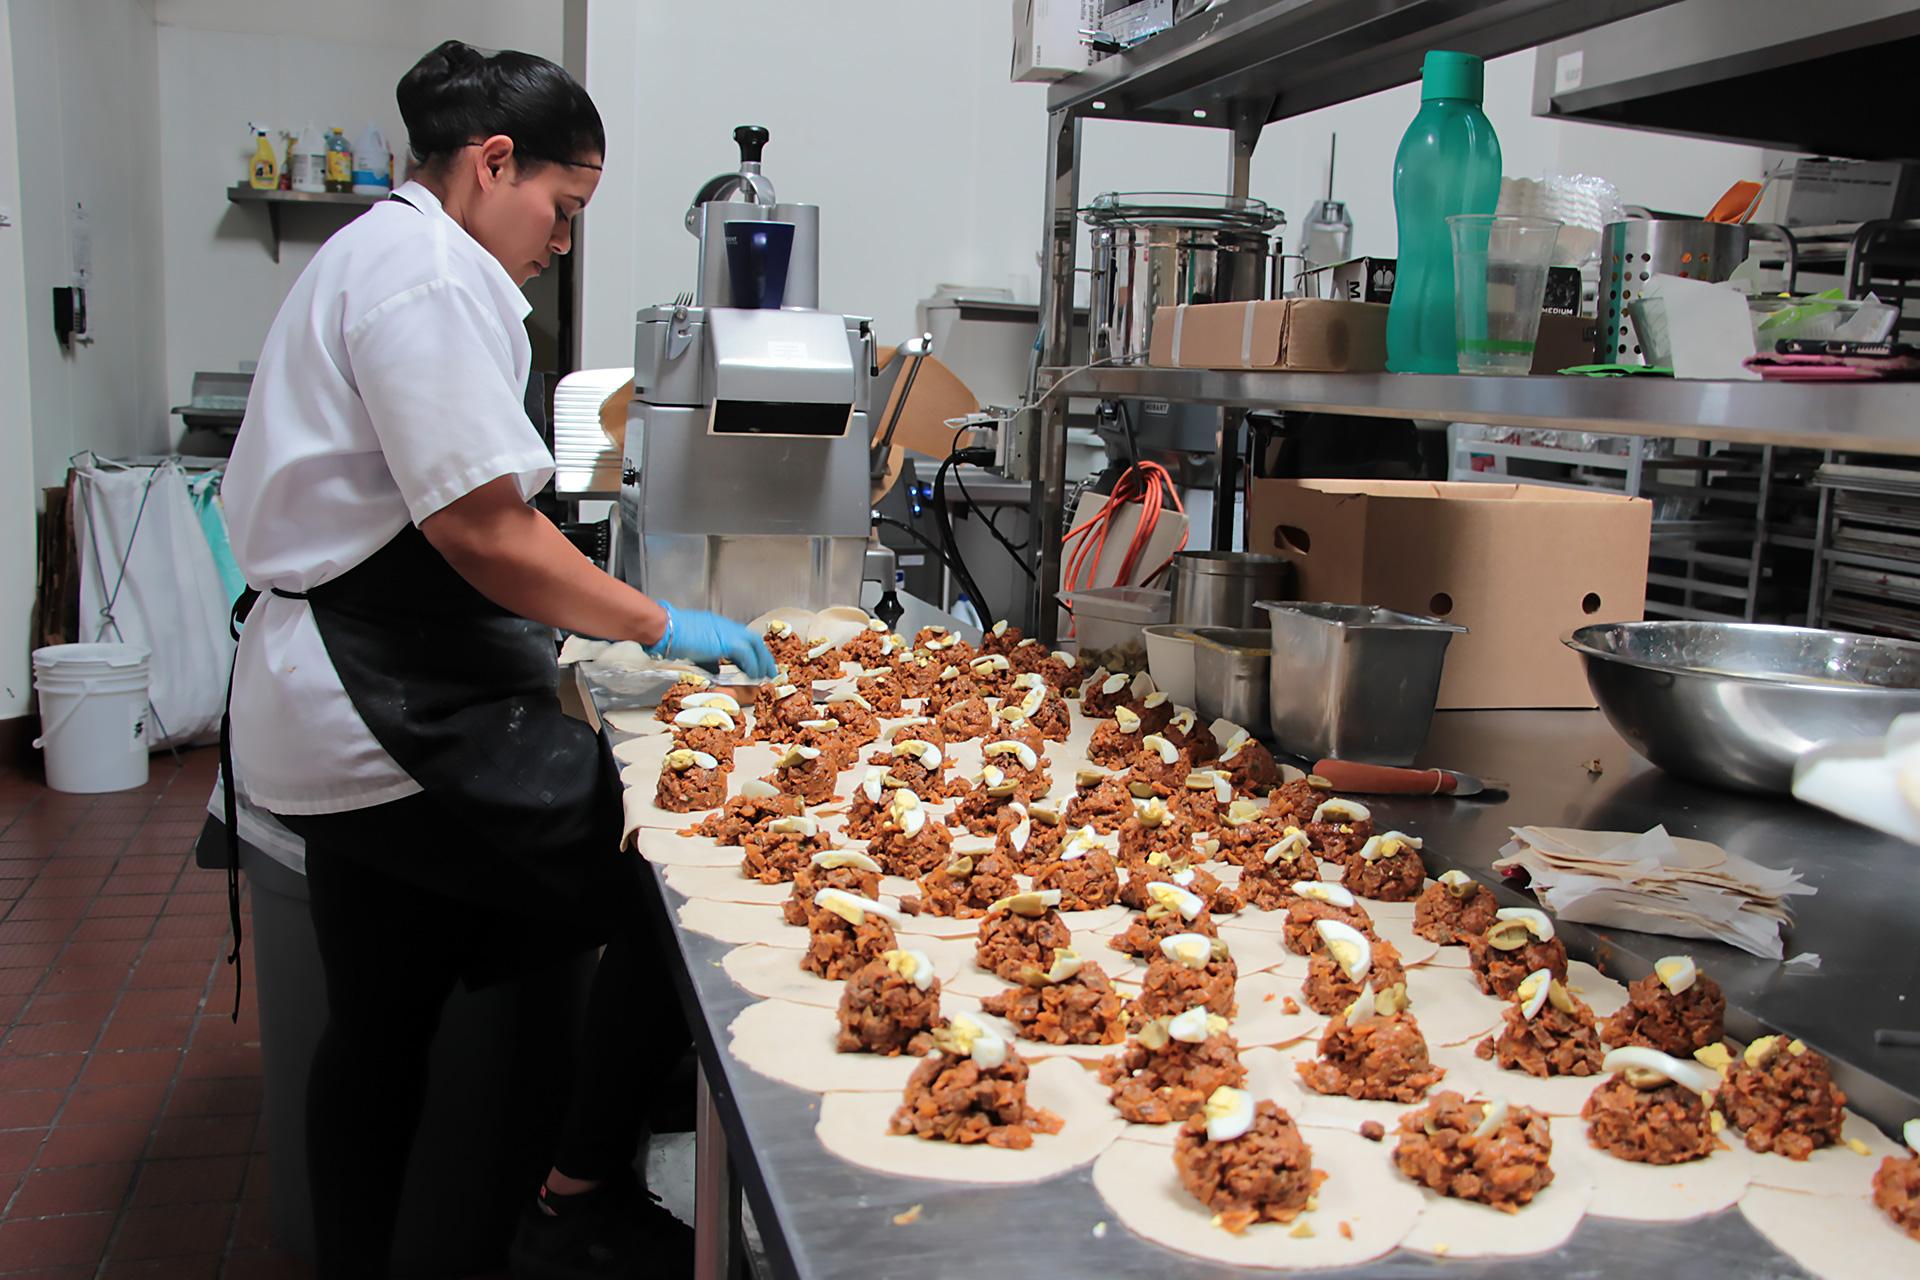 El Sur empanadas being made in the kitchen